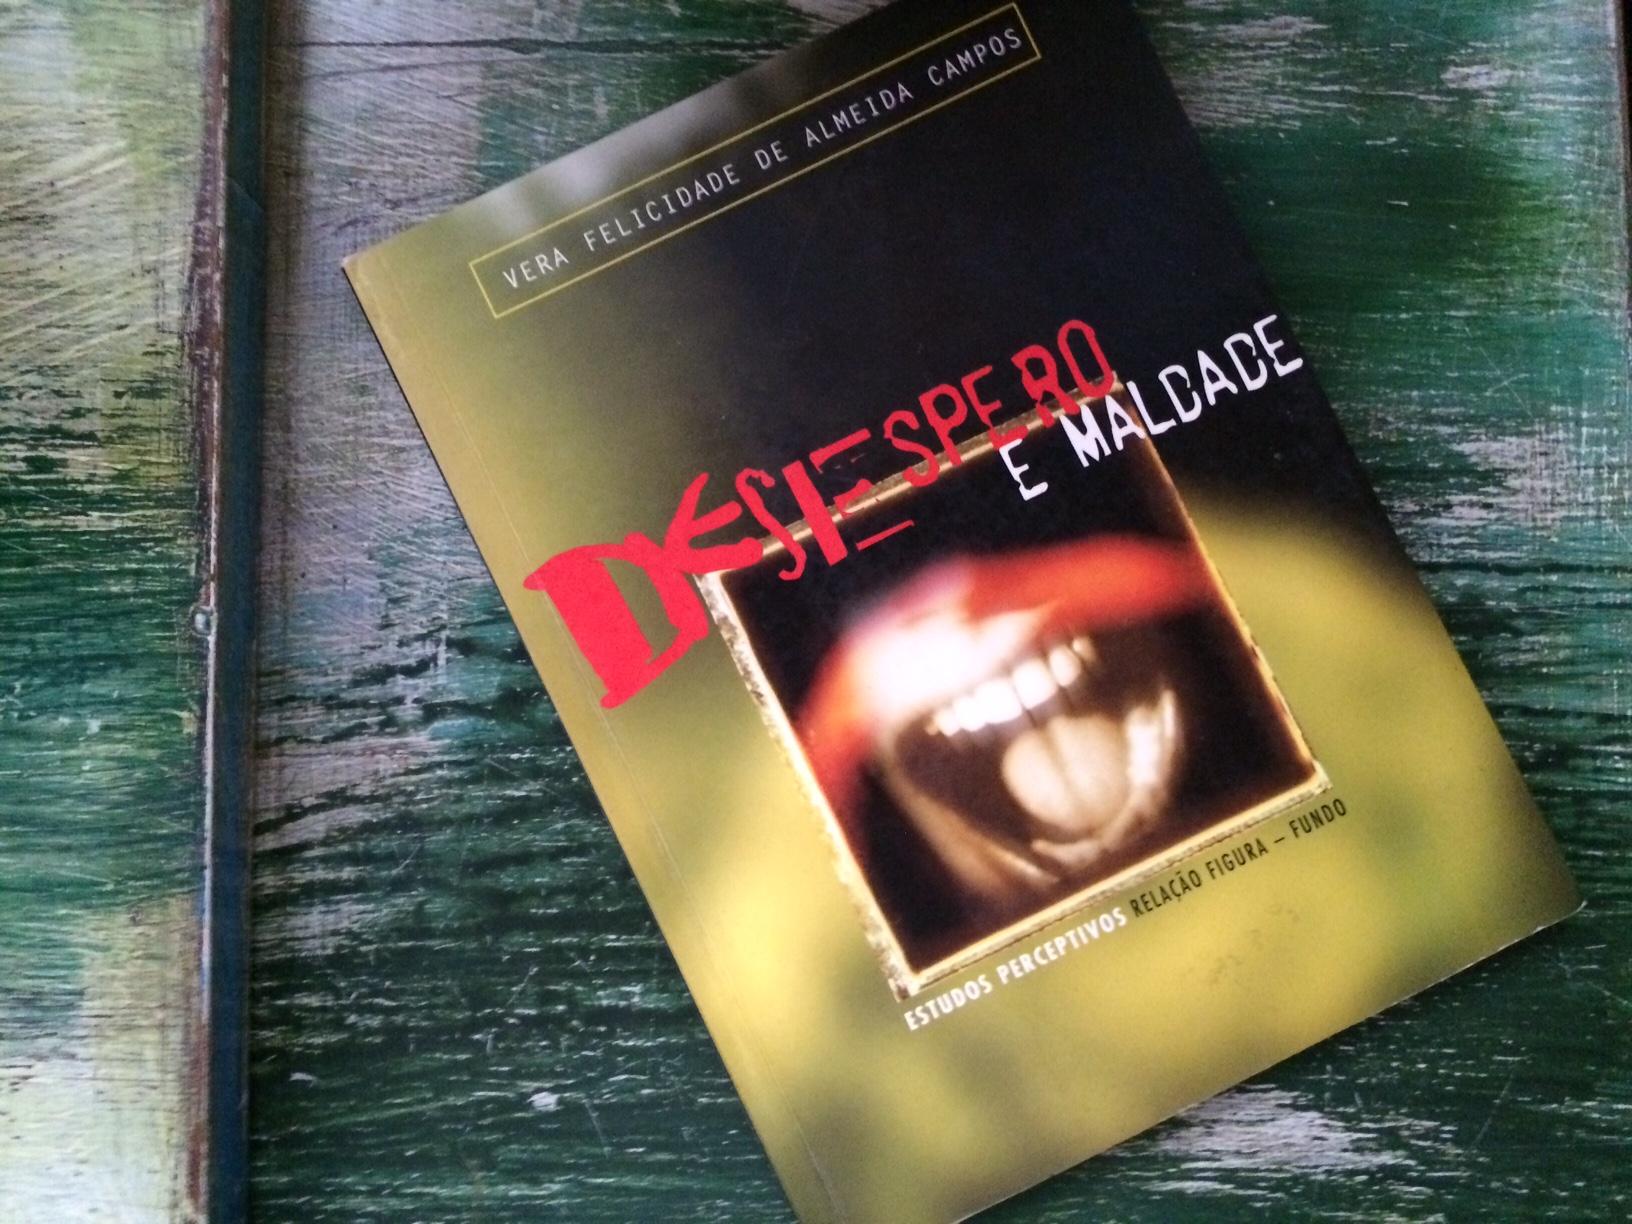 6º livro